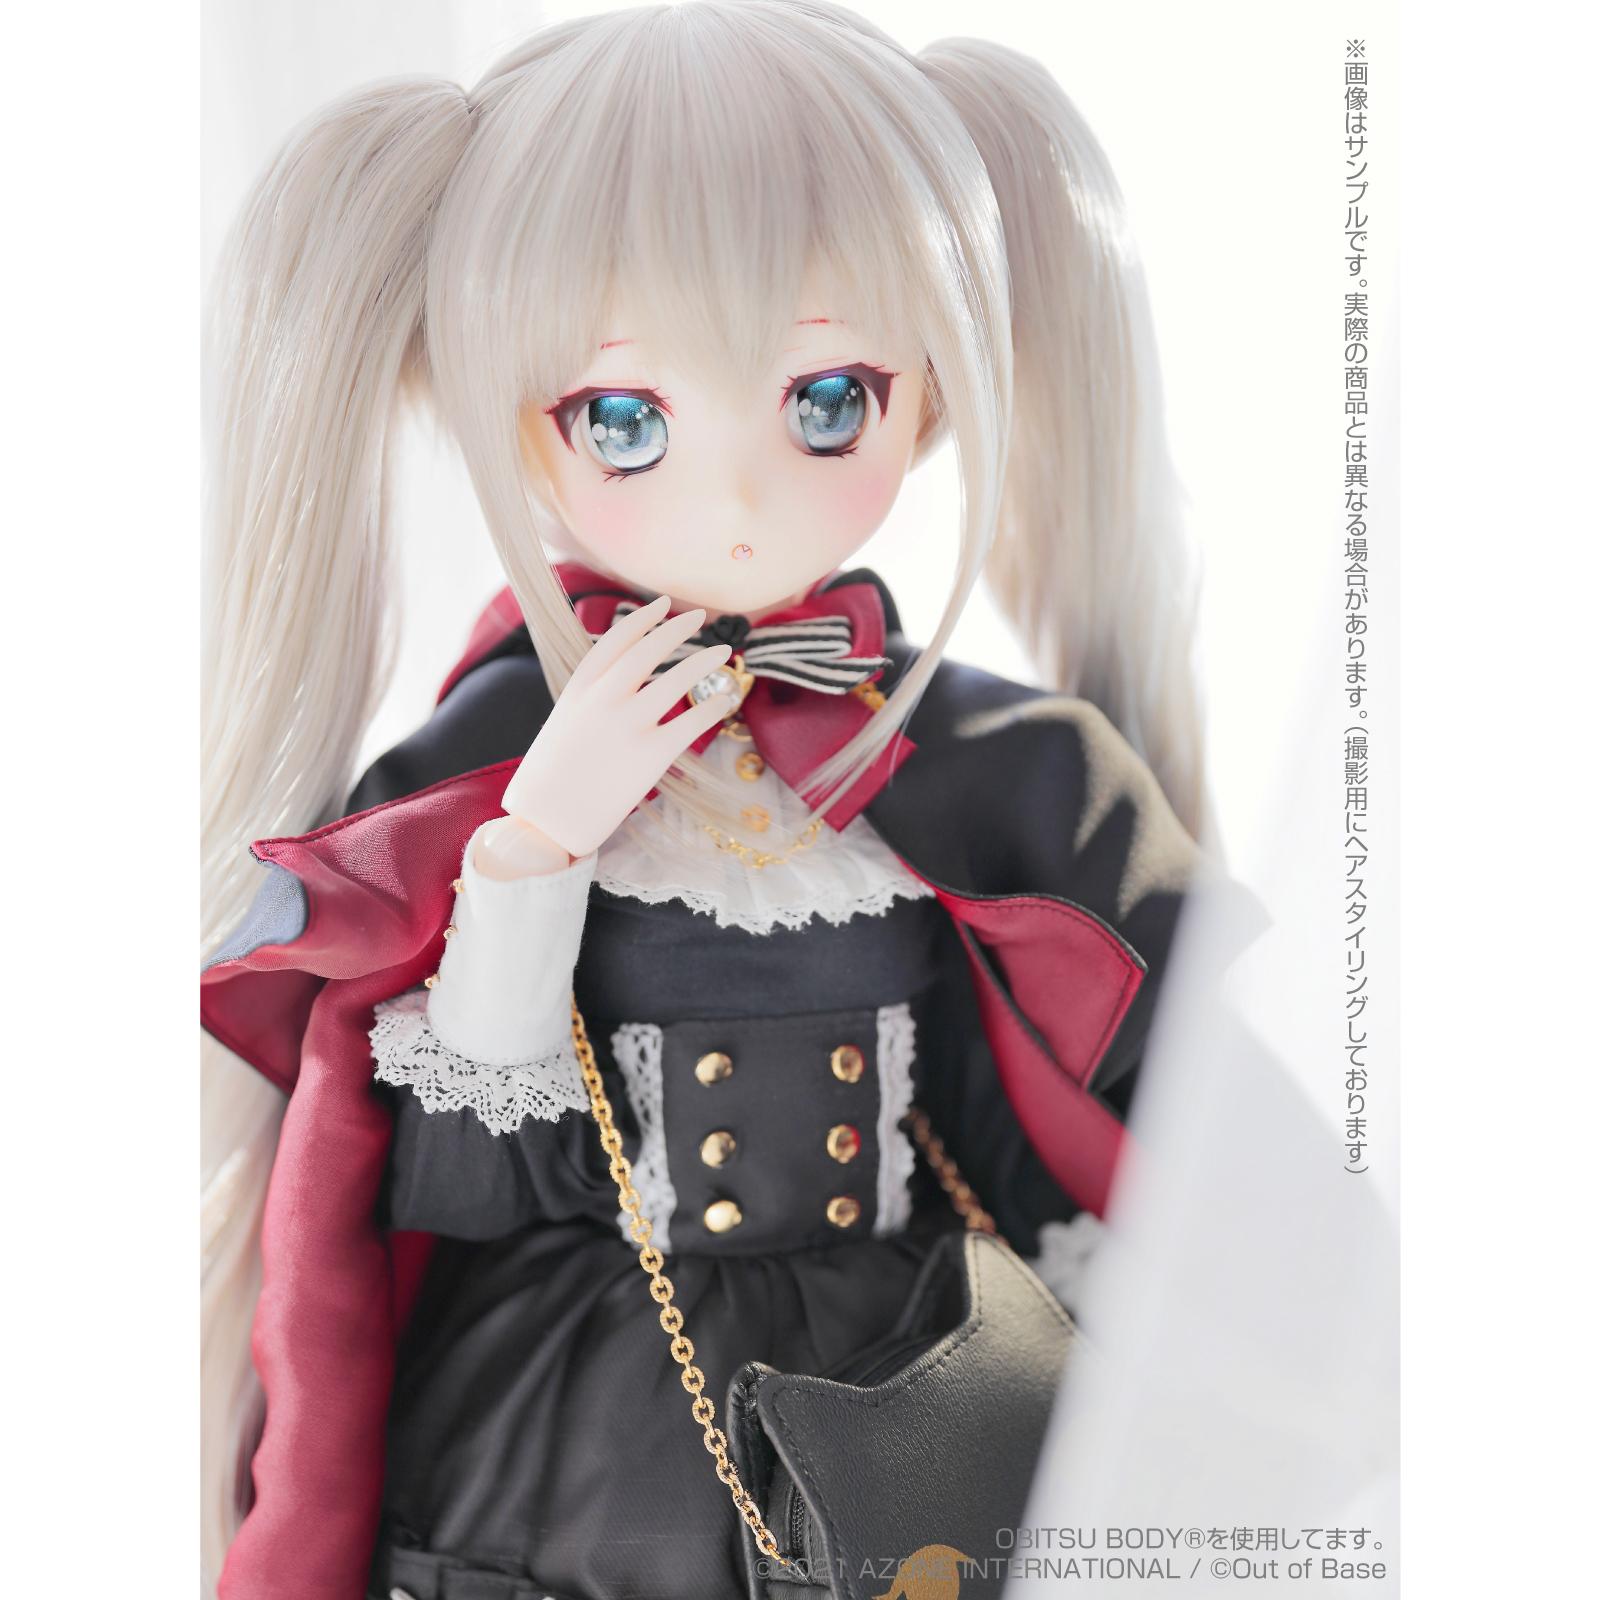 【再販】Iris Collect petit『すずね/~Wonder fraulein~Goth×Loli cats(通常販売ver.)』アイリスコレクト プチ 1/3 完成品ドール-003